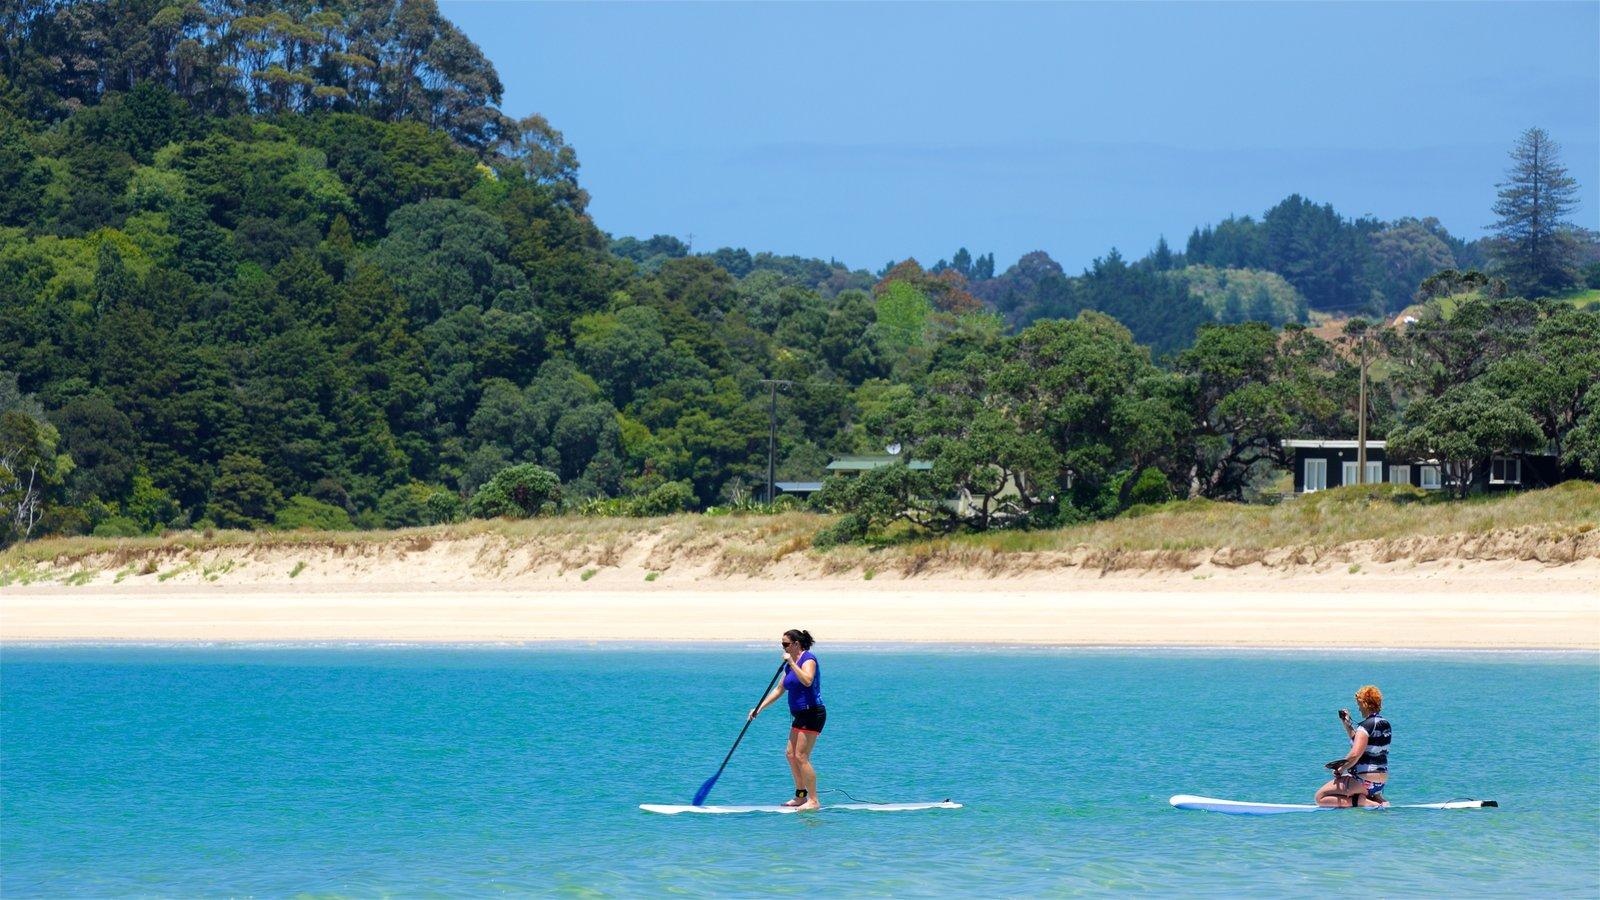 Tutukaka que incluye una playa, una bahía o puerto y deportes acuáticos